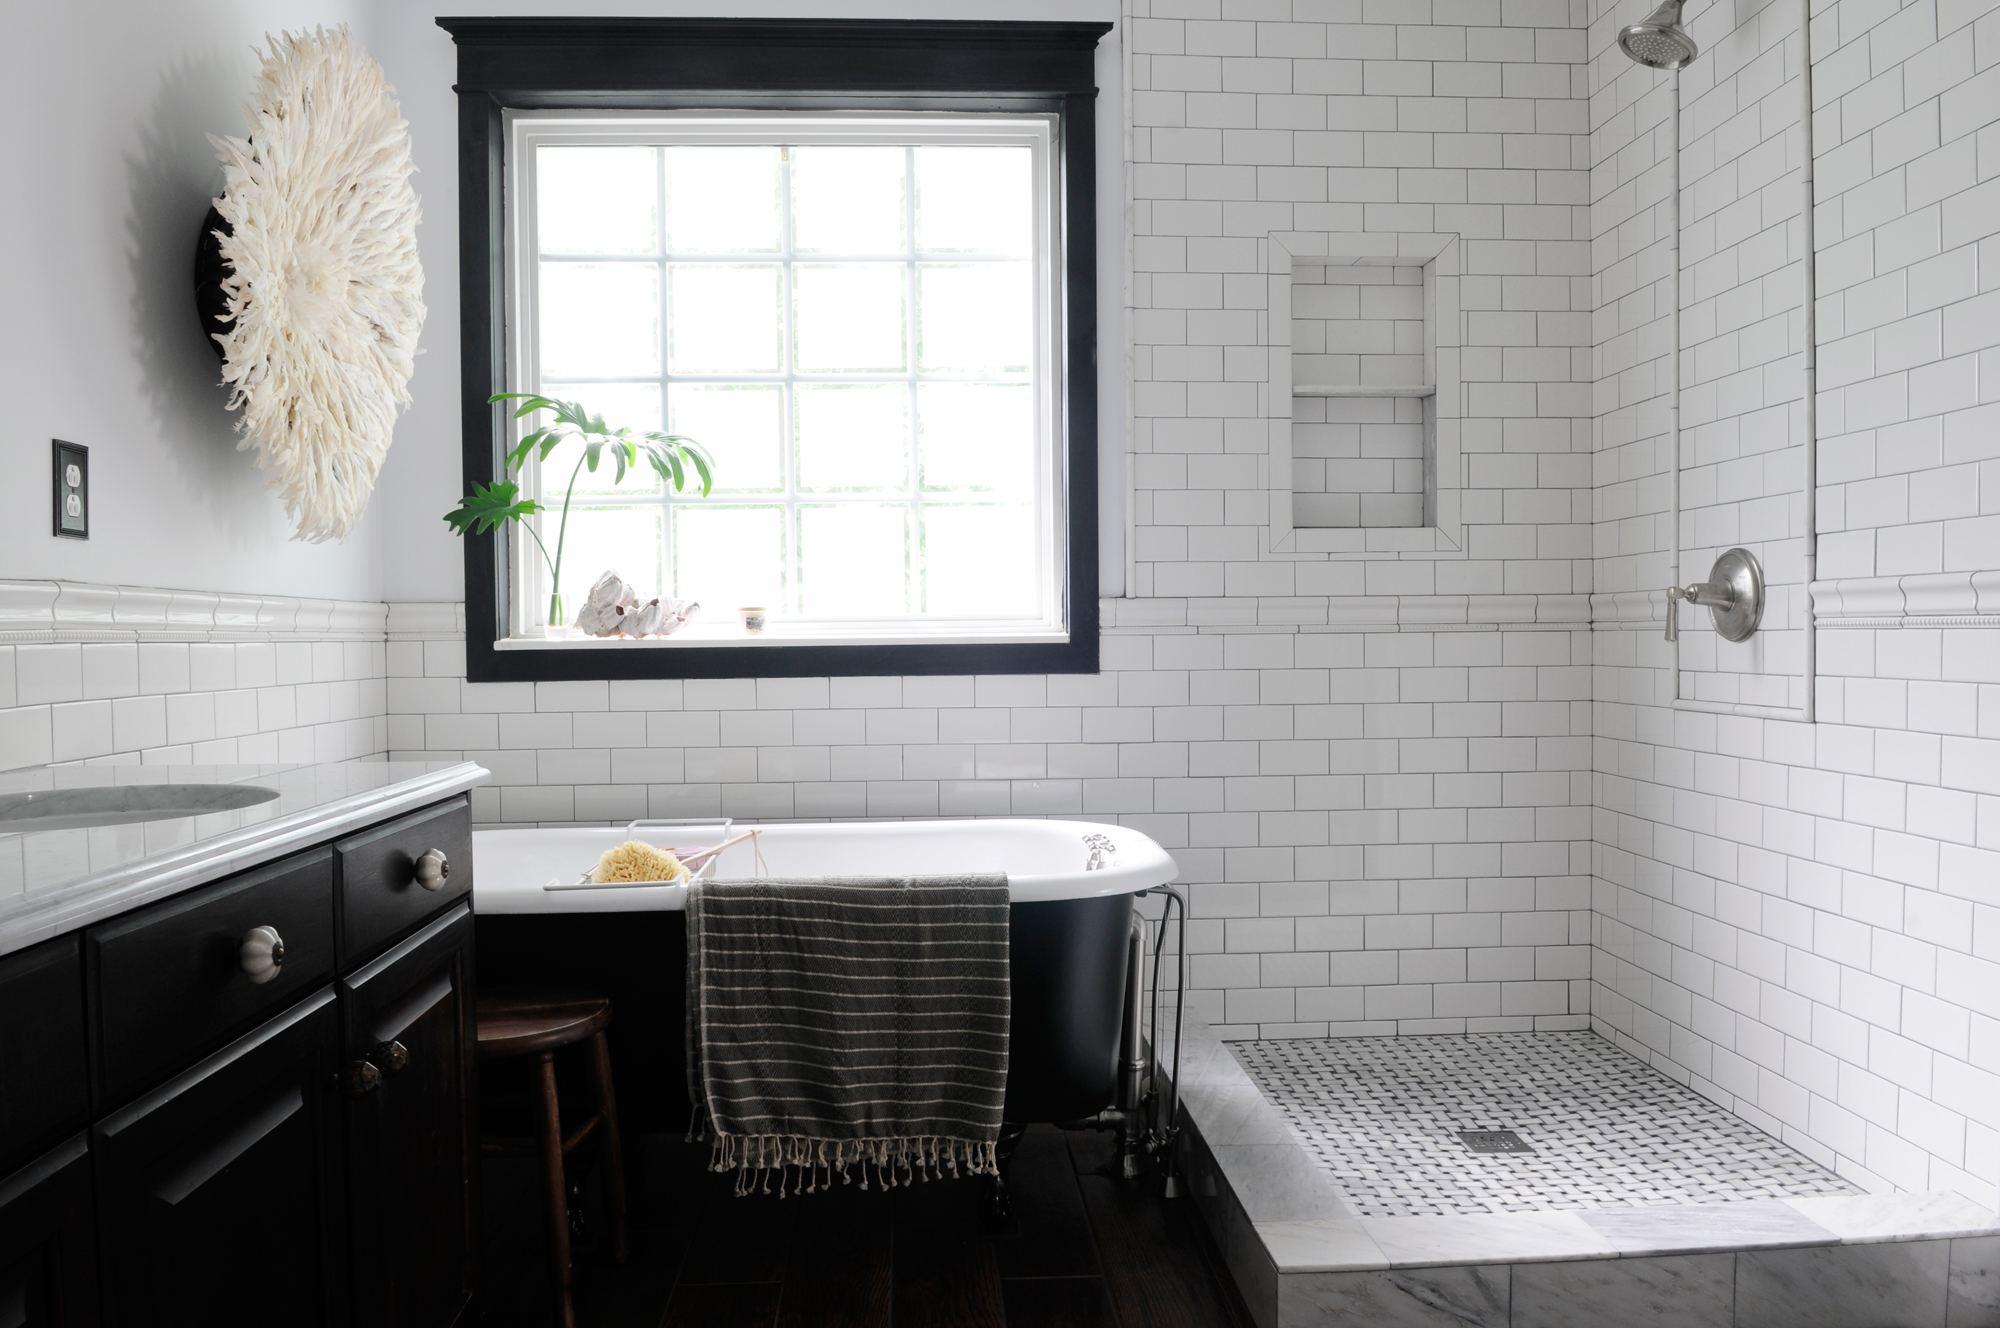 Salle de bain noir et blanc dans un éclairage tamisé